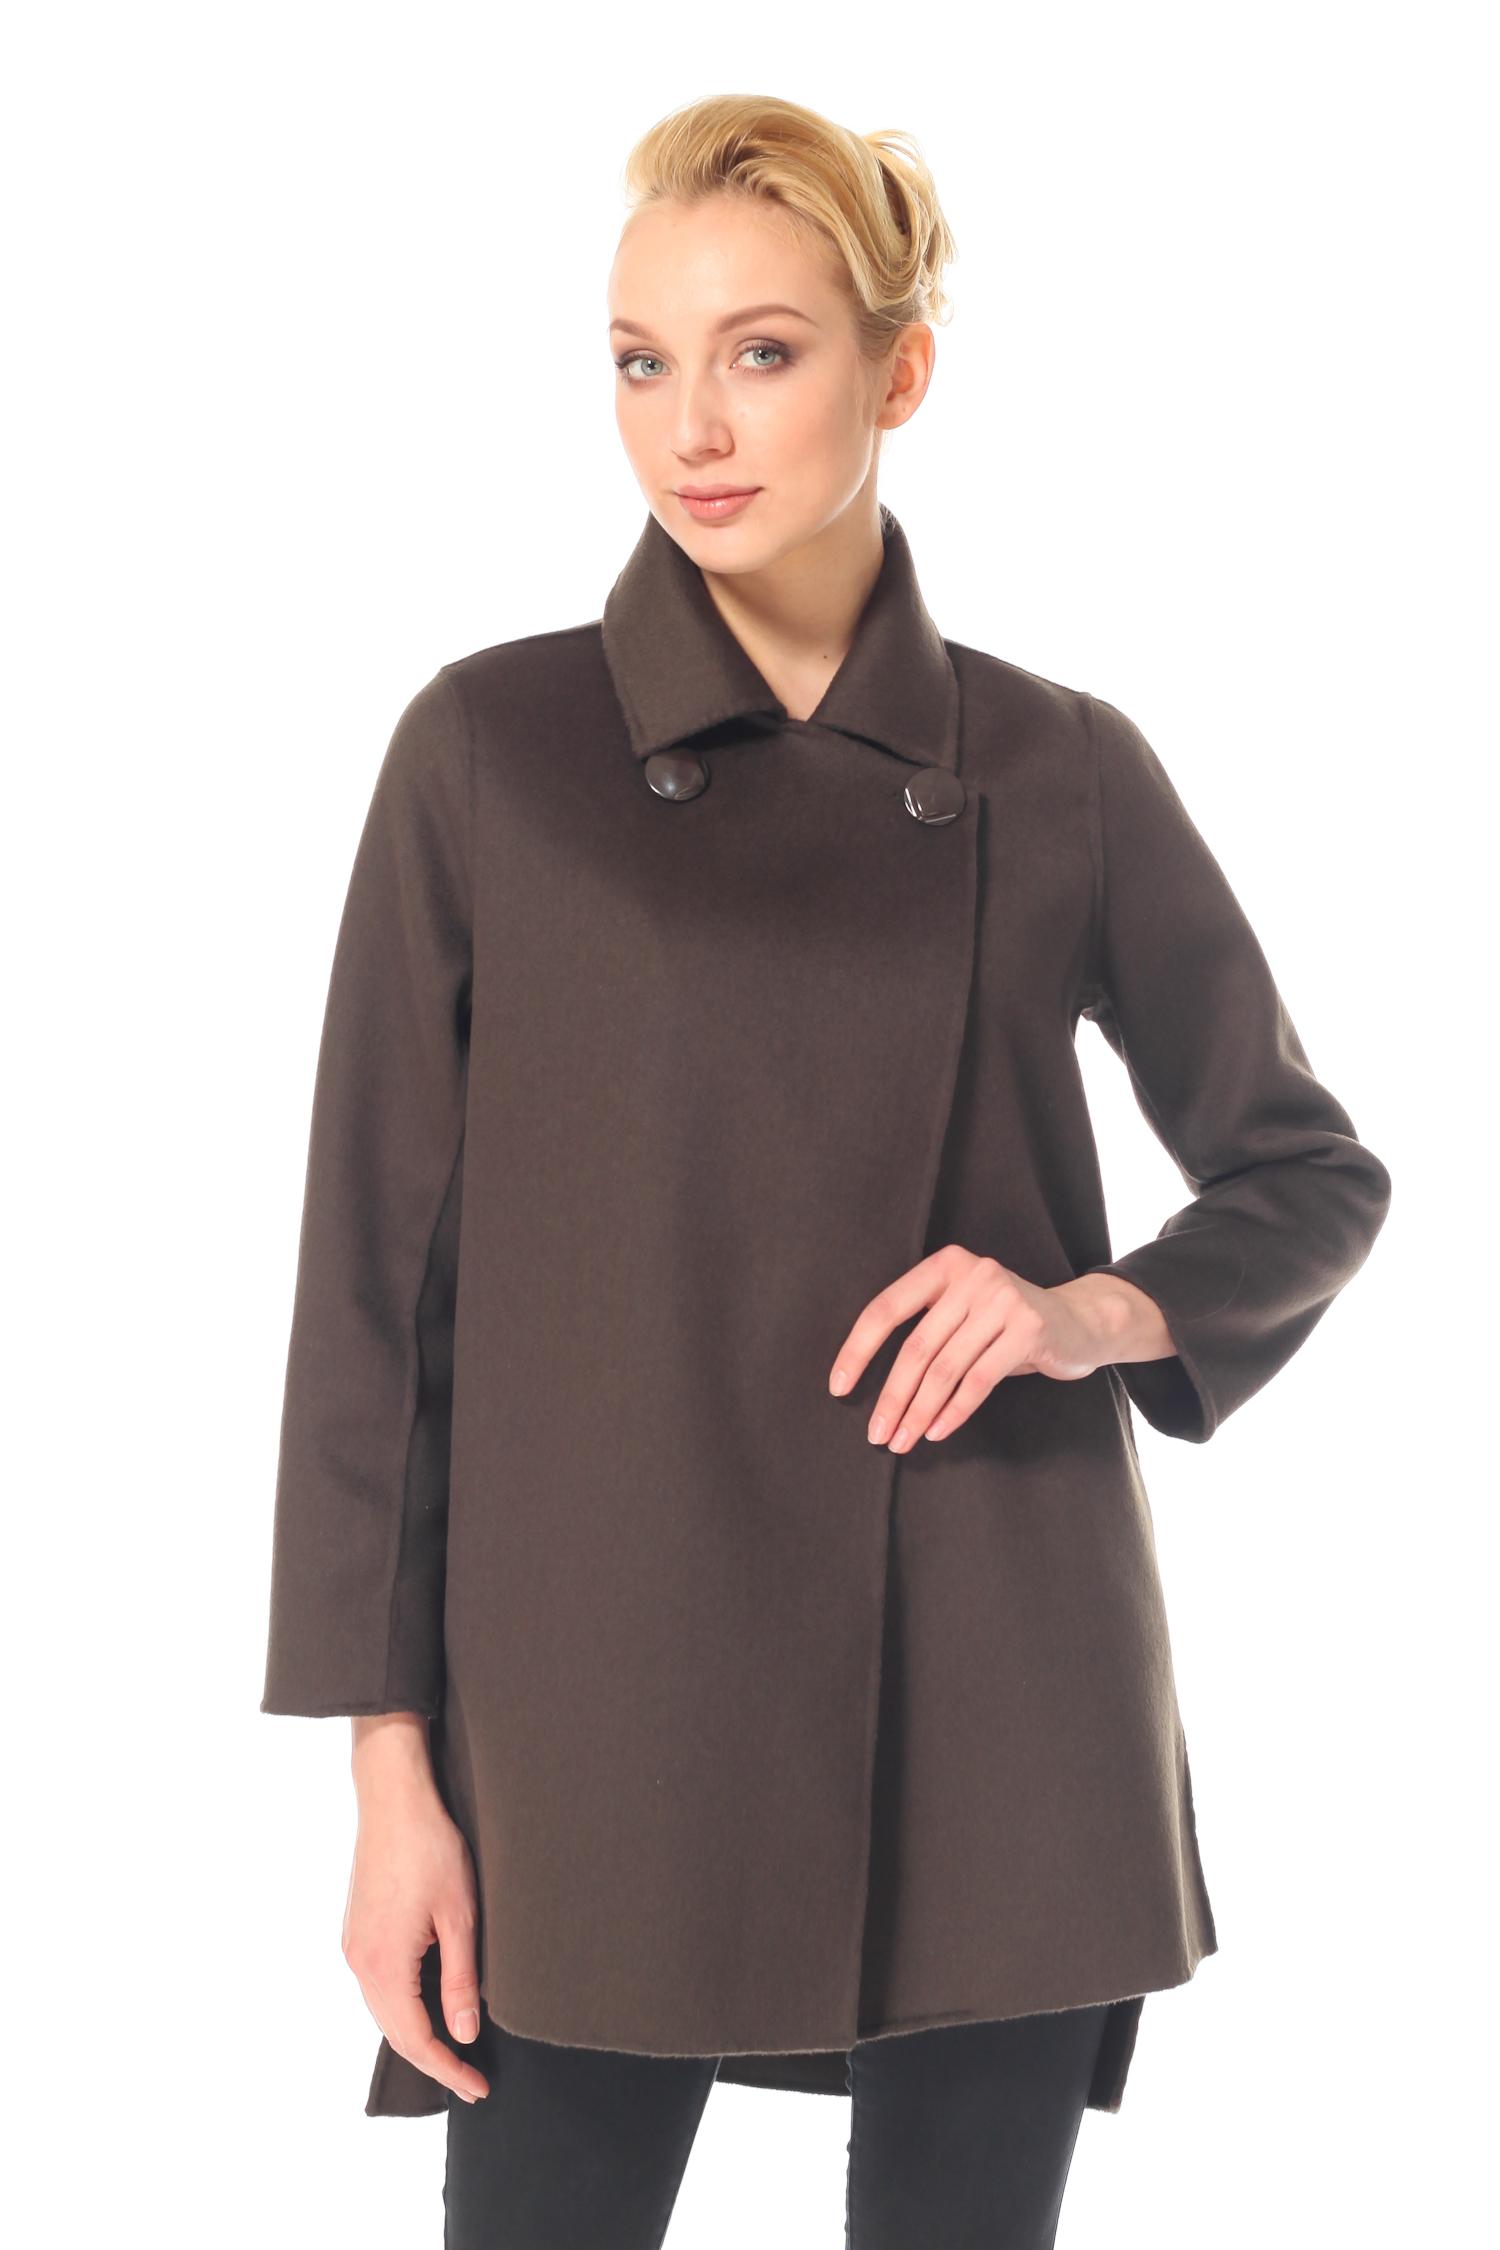 Фото 5 - Женское пальто из текстиля с воротником от МОСМЕХА зеленого цвета